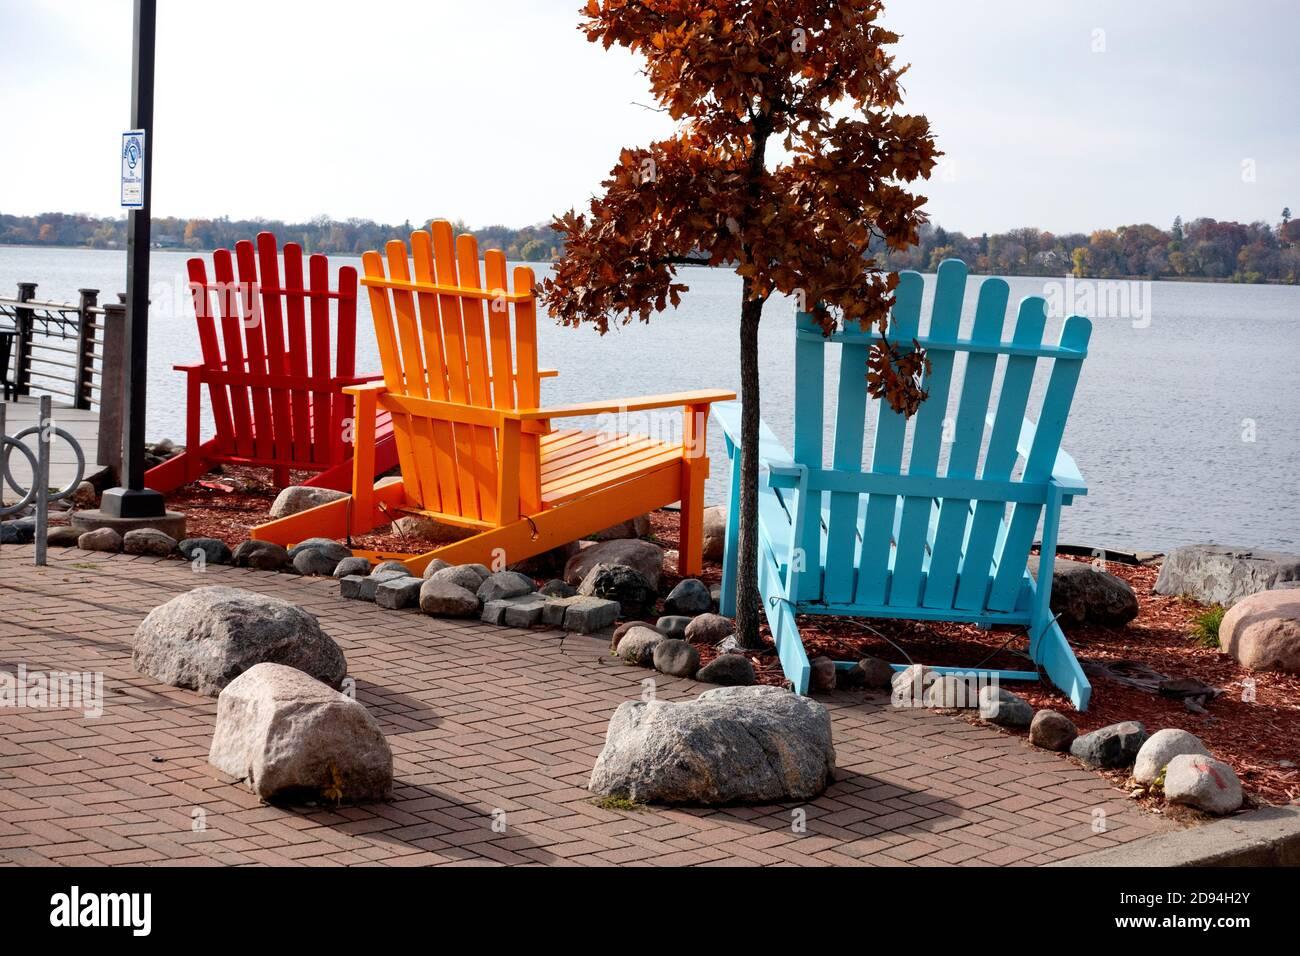 Chaises géantes colorées de l'Adriatique surplombant le lac BDE Maka Ska. Minneapolis Minnesota MN États-Unis Banque D'Images